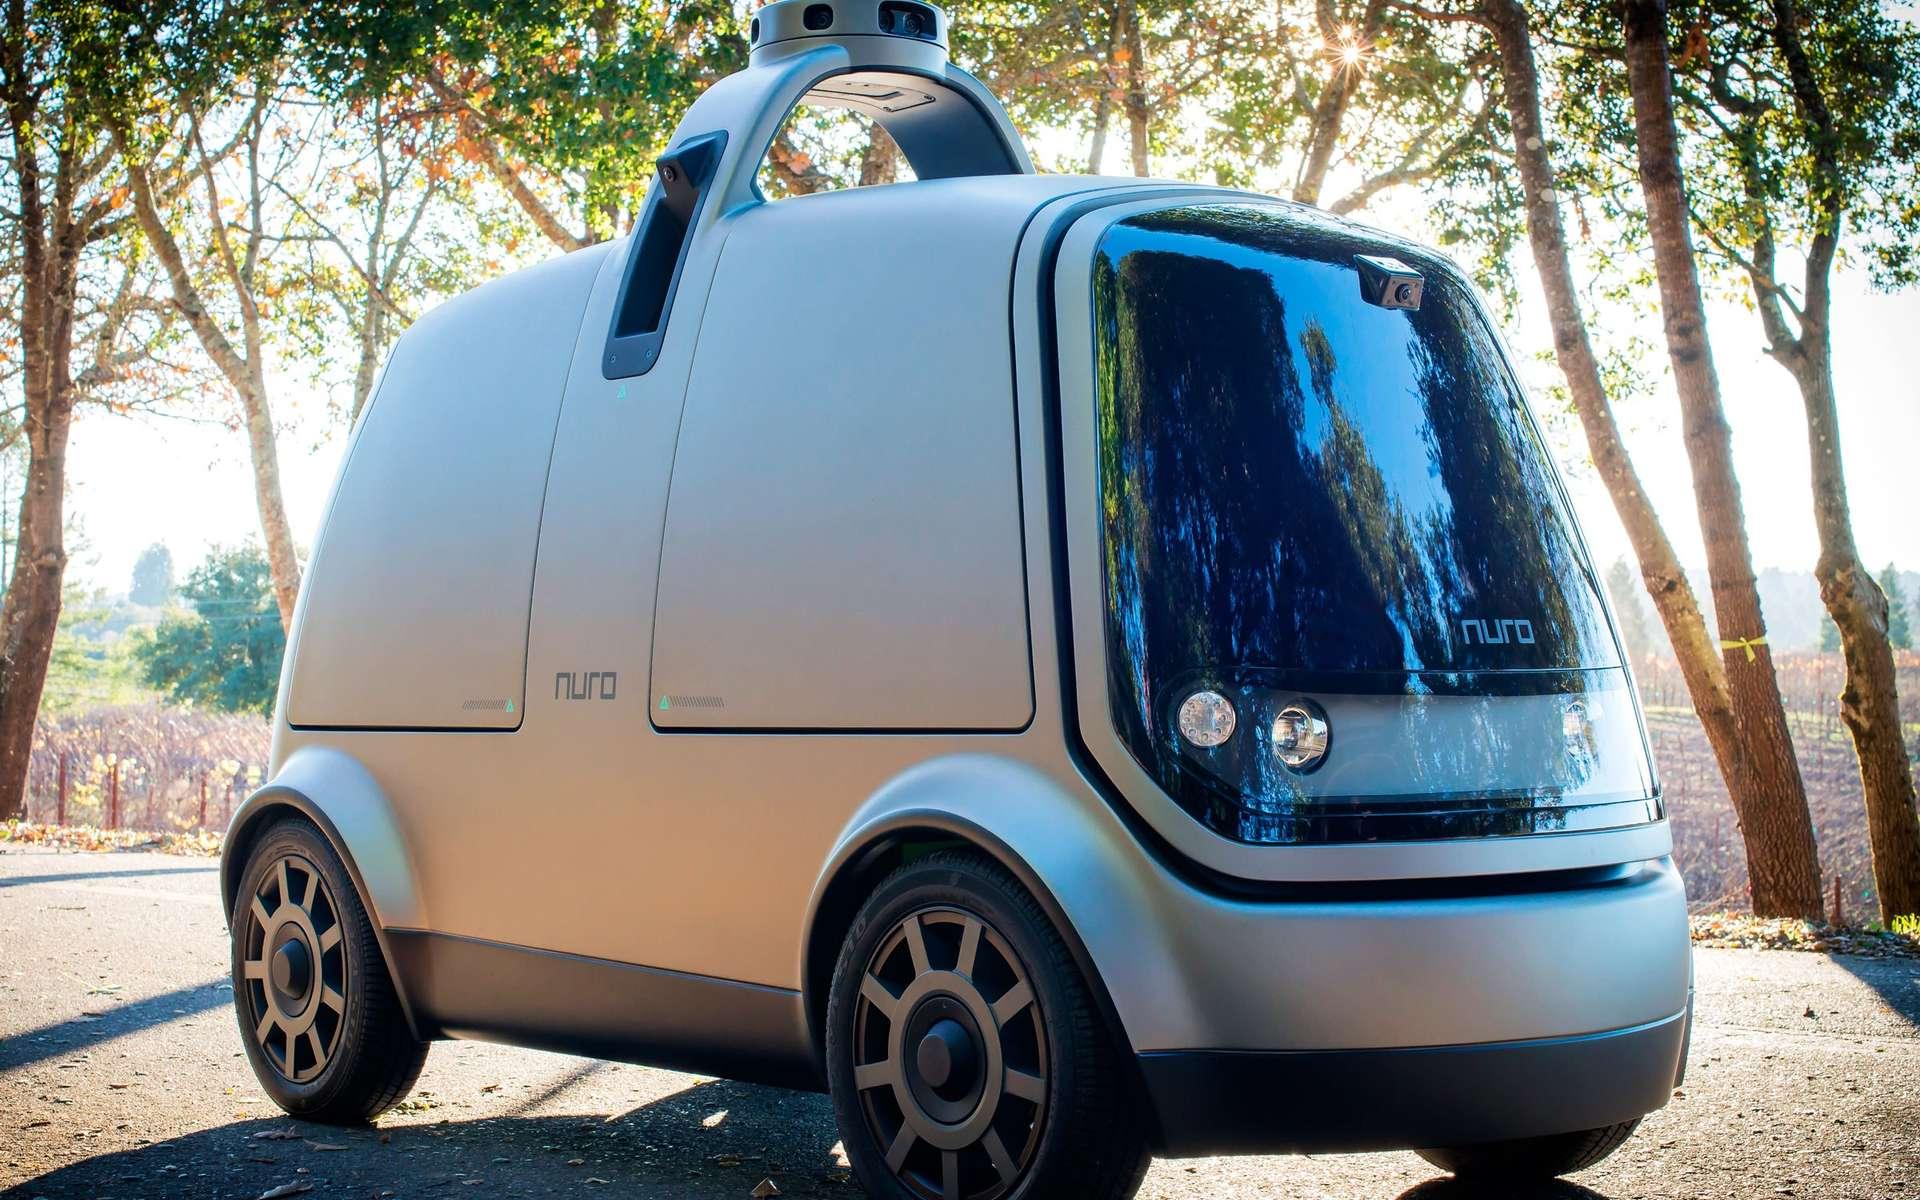 Nuro, la camionnette autonome qui fait les courses pour vous, est équipée d'un intérieur aménageable selon les besoins des marchands. © Nuro